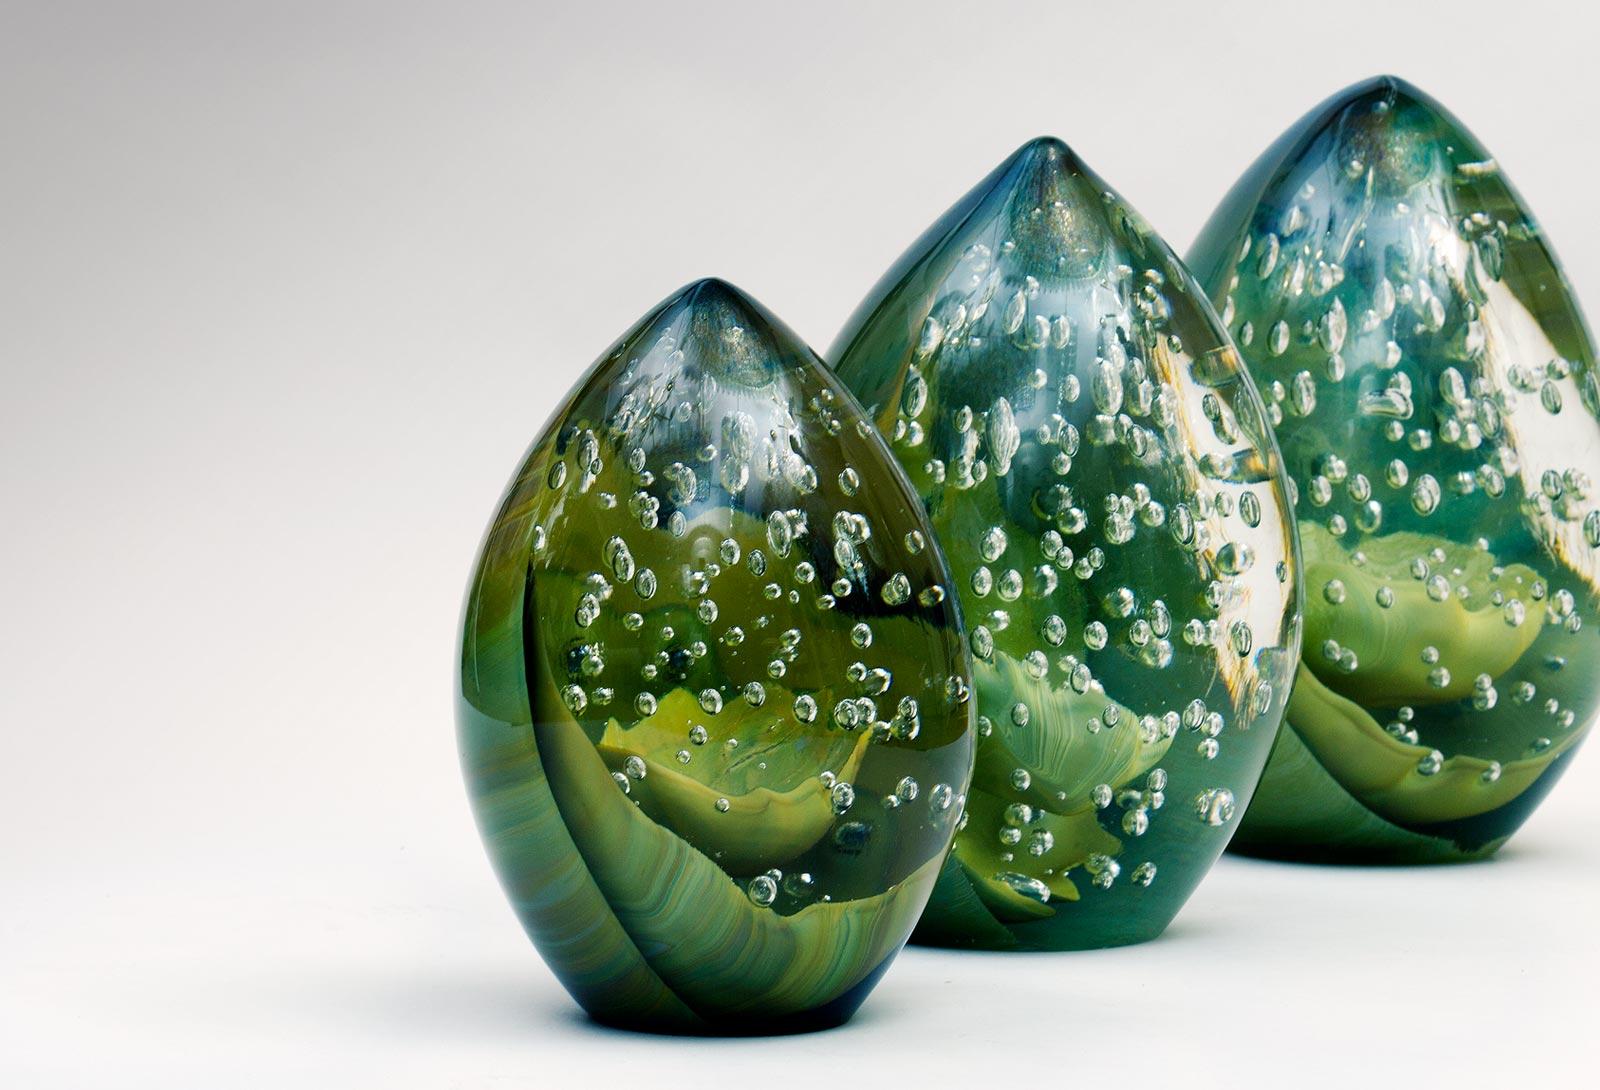 Delightful Egg Form Glass Sculptures